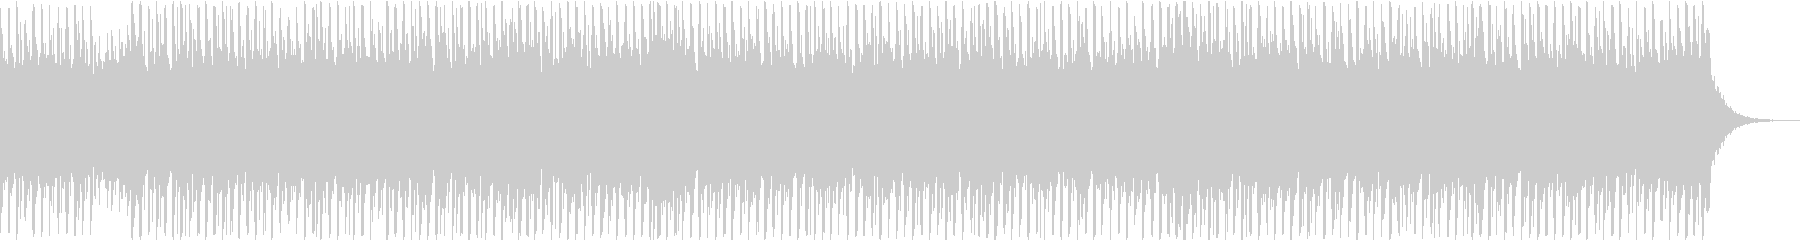 キラキラとした雰囲気のテクノポップの未再生の波形